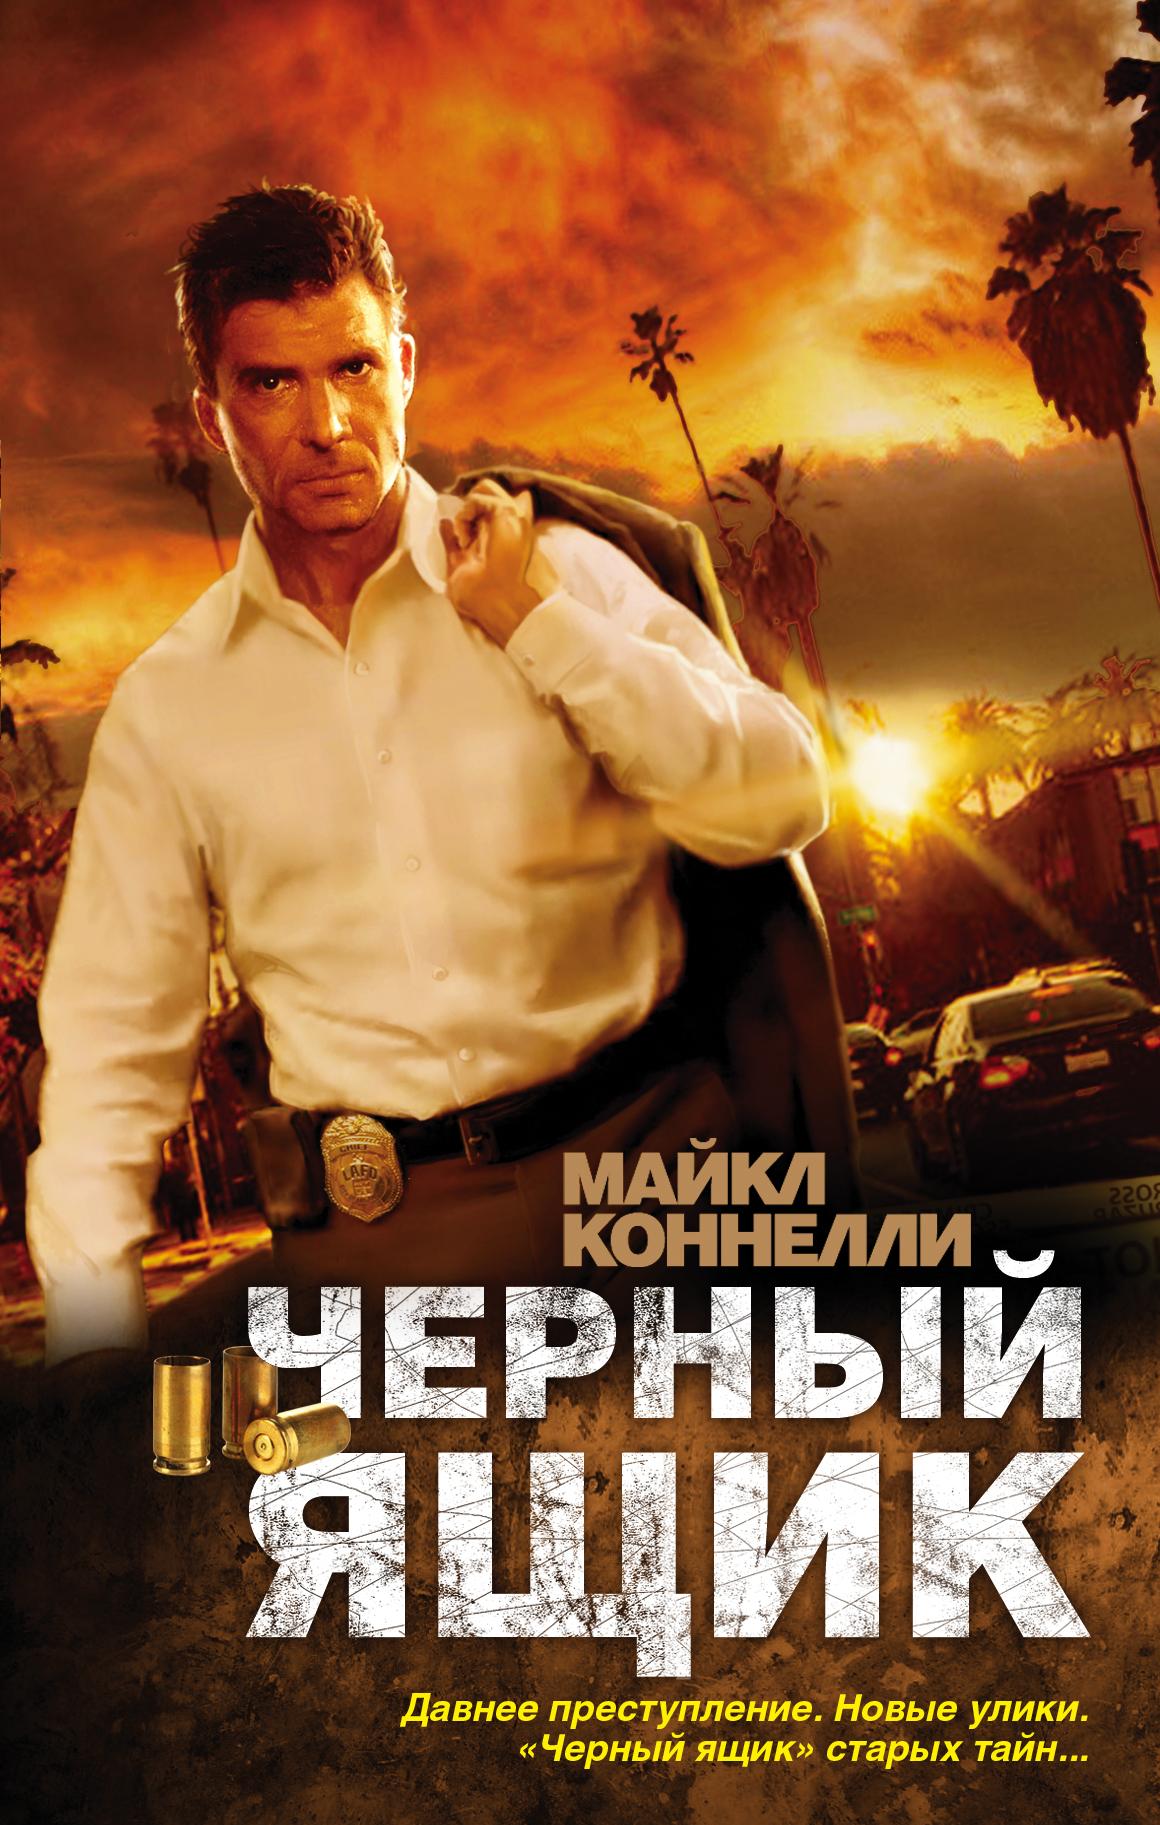 Майкл Коннелли — Черный ящик (2012)